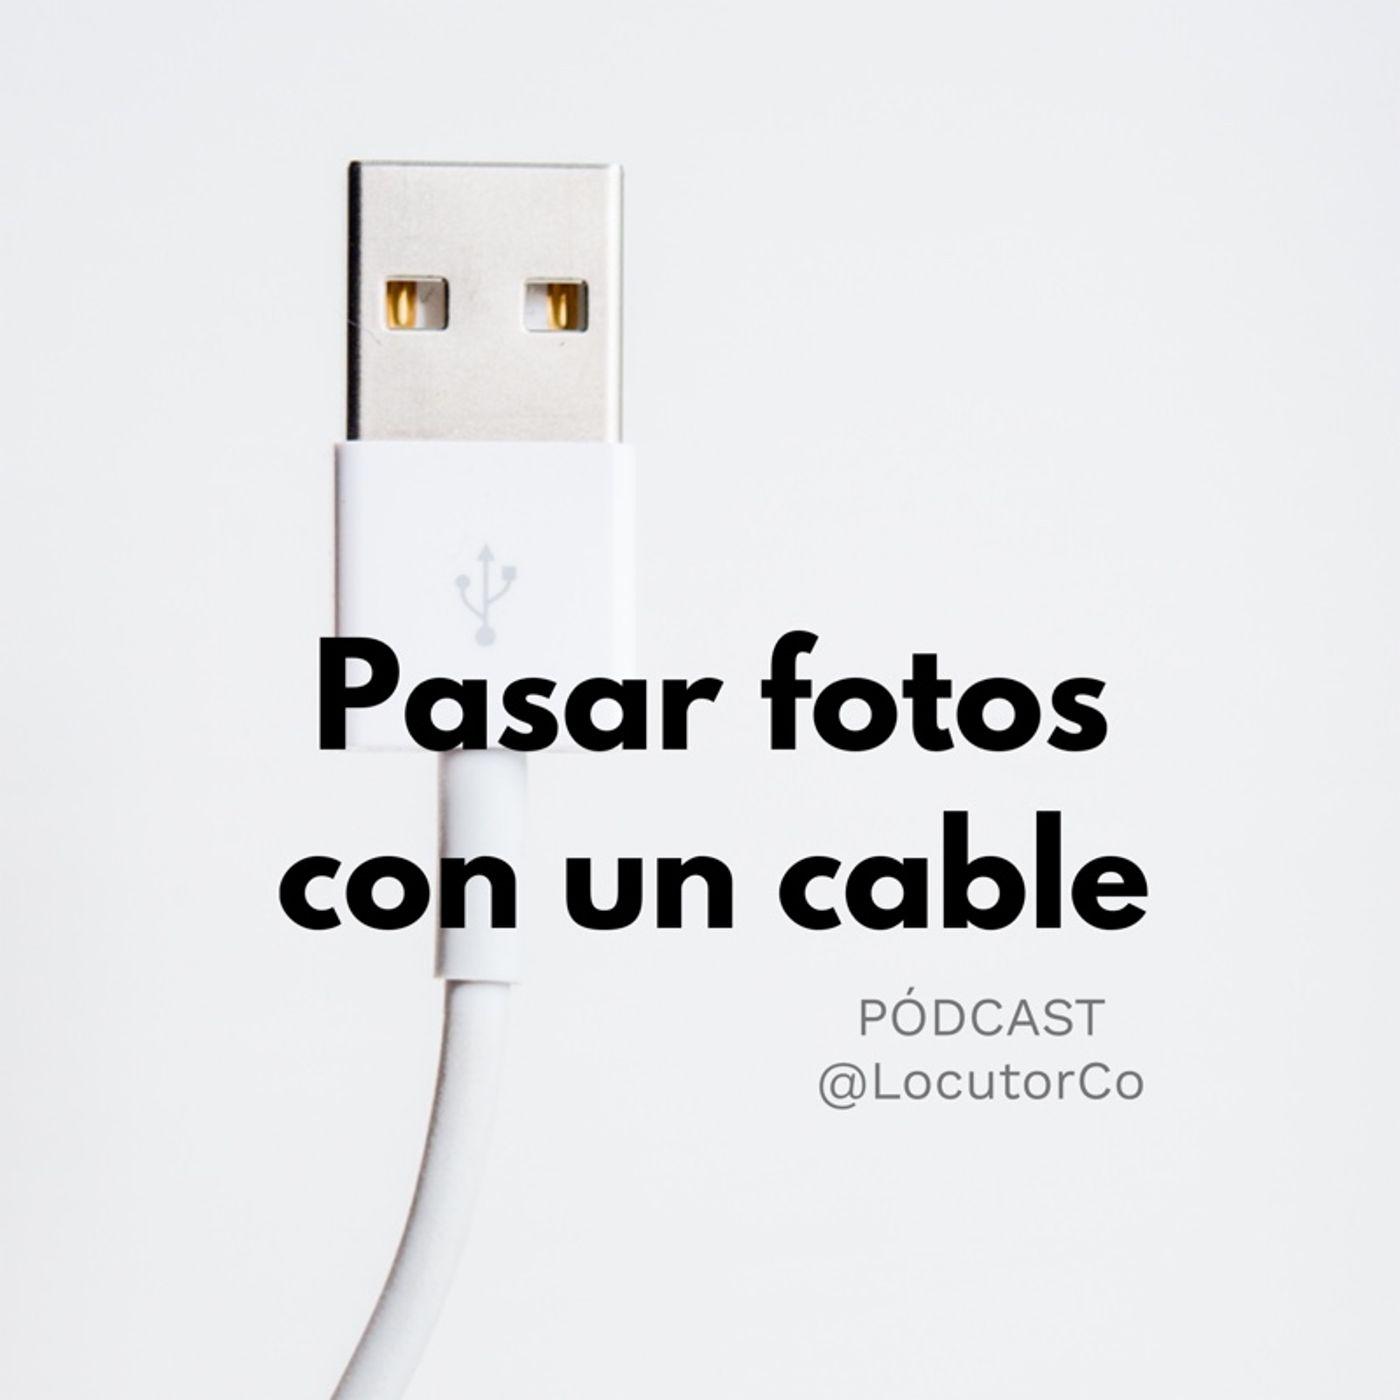 Pasar fotos con un cable